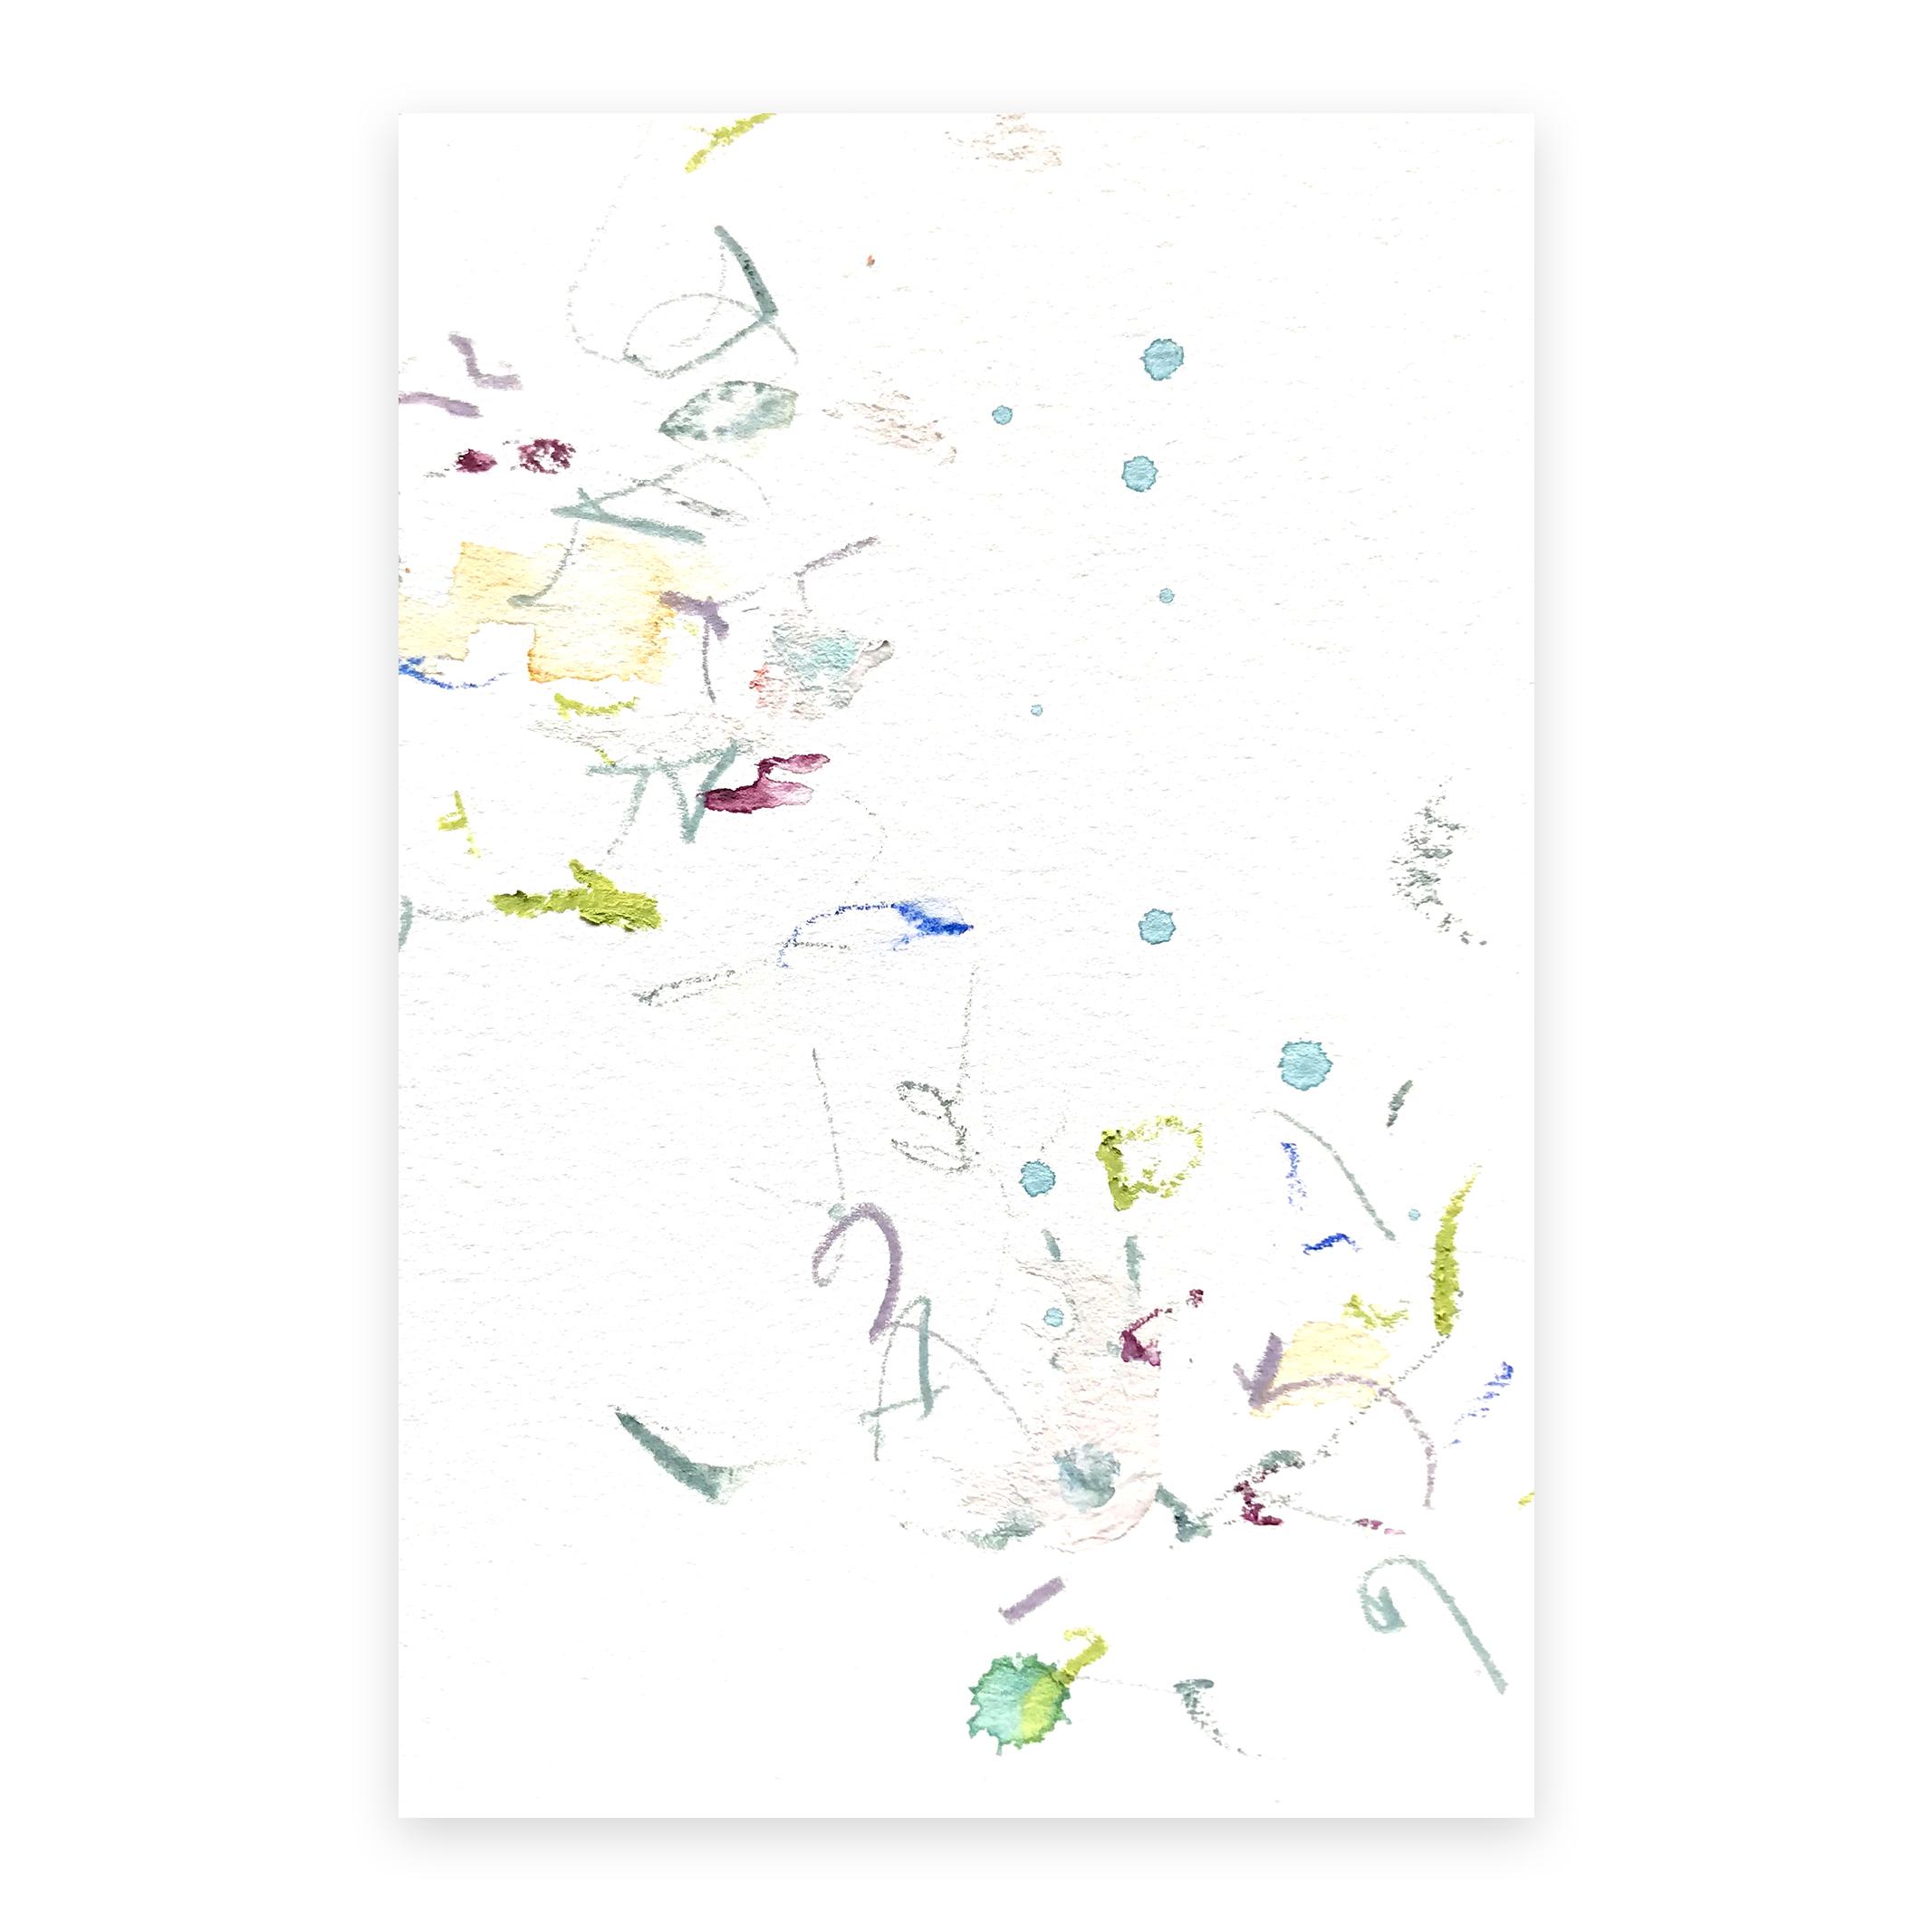 dd_nov07181  Mixed media on paper 14.8×10cm